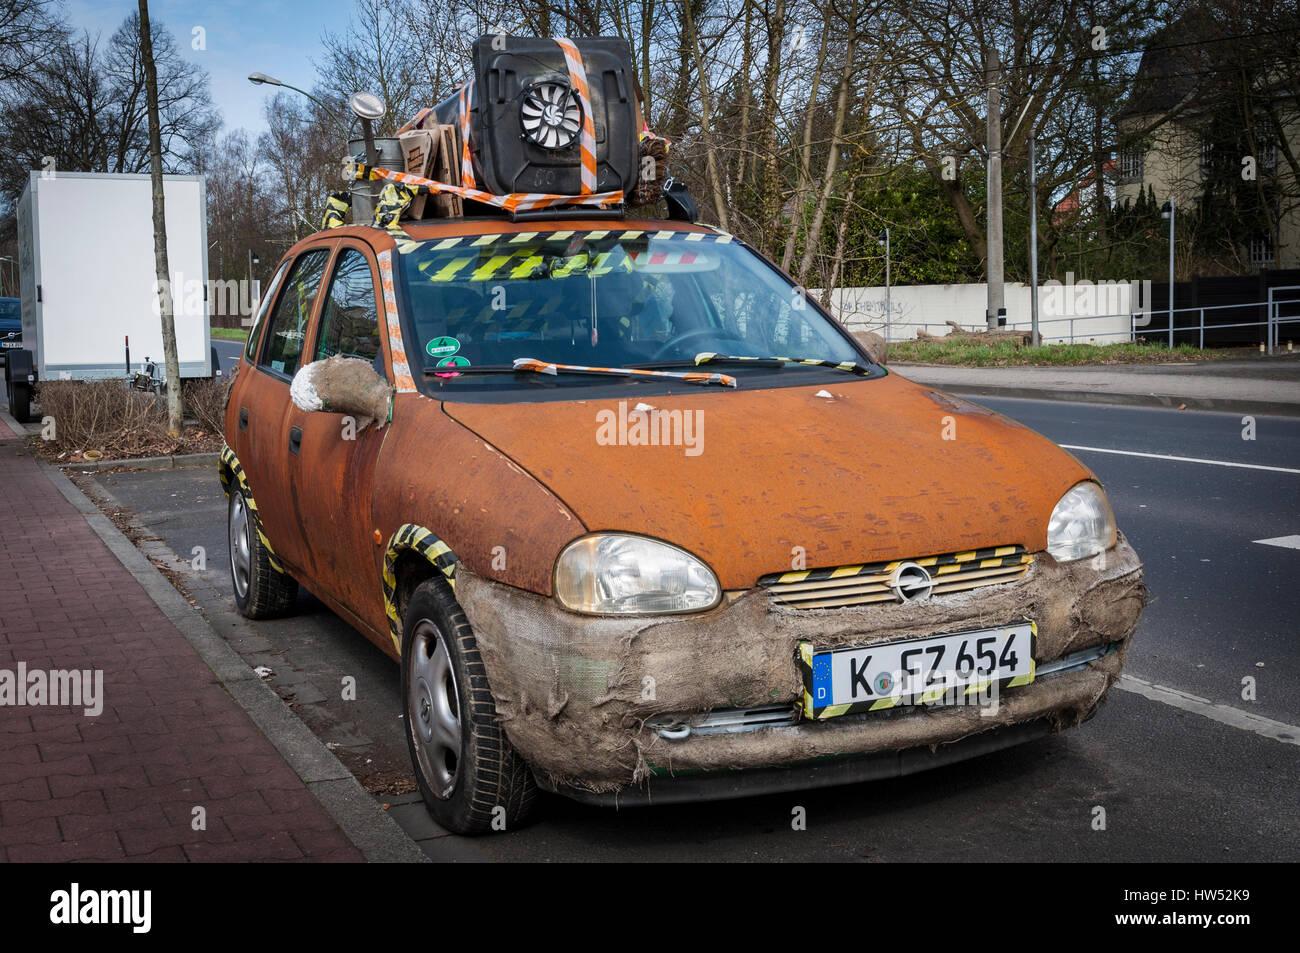 'Rat Style' Opel Corsa parked on roadside in Meerbusch-Büderich near Düsseldorf, NRW, Germany. - Stock Image